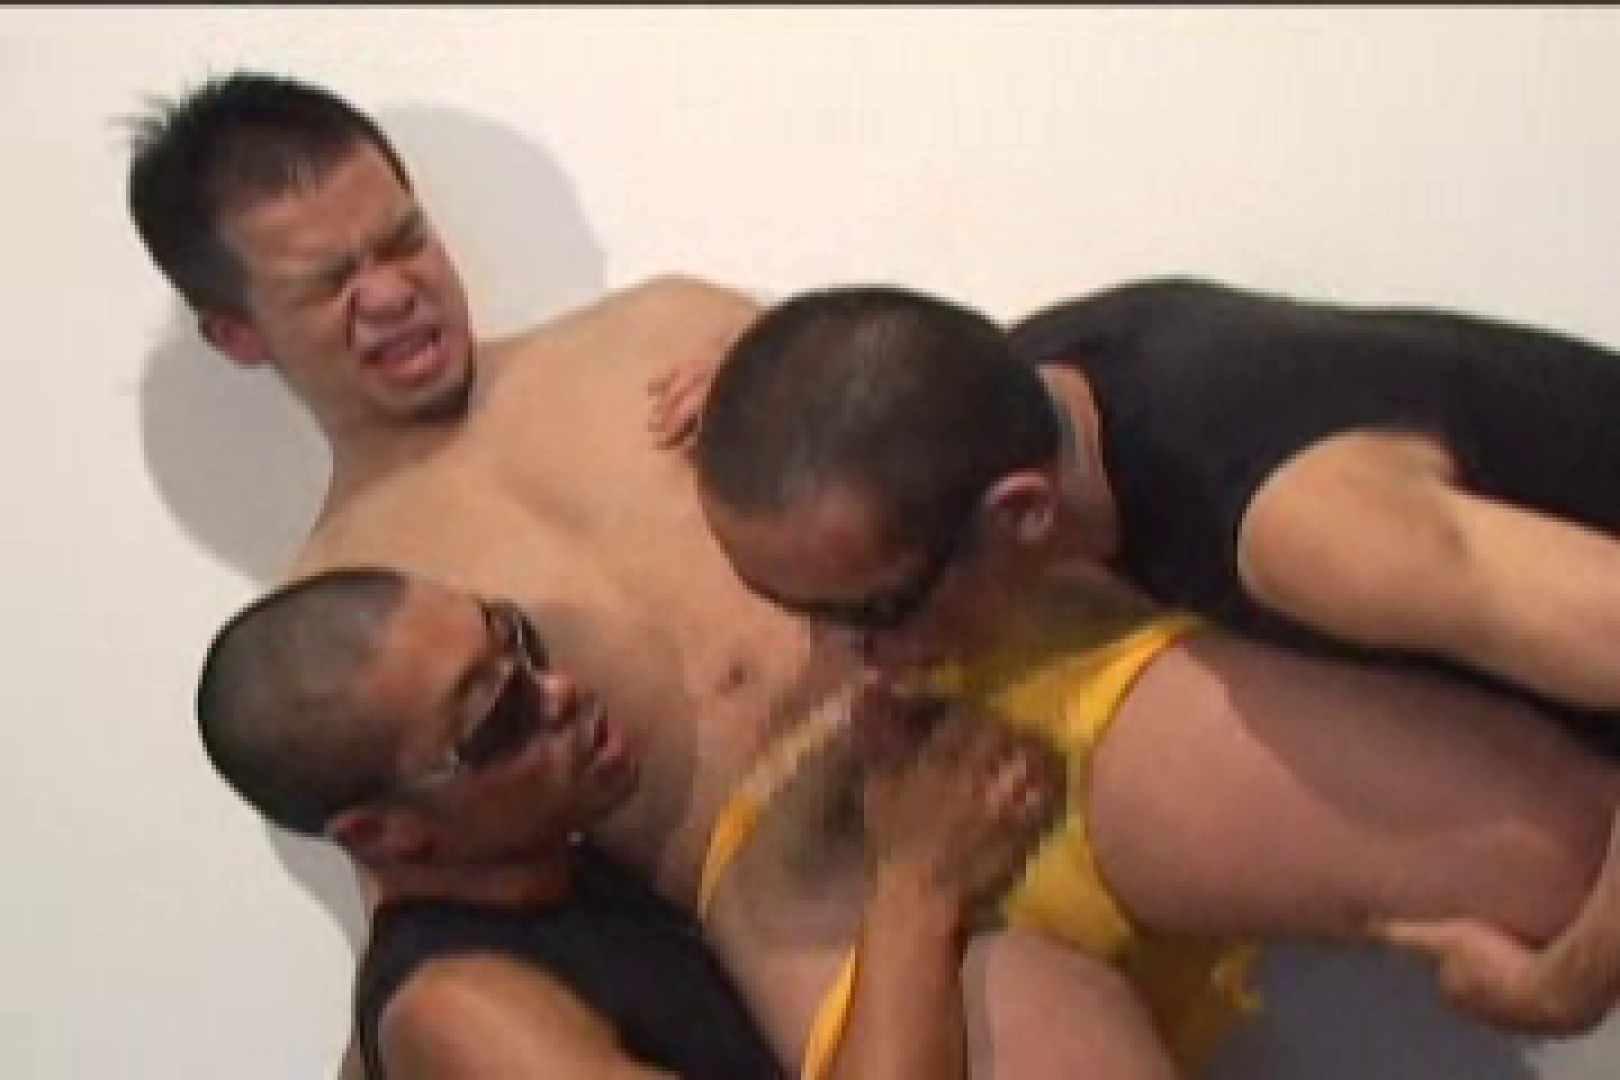 スポMENファック!!反り勃つ男根!!vol.14 キス ゲイアダルトビデオ画像 85枚 48